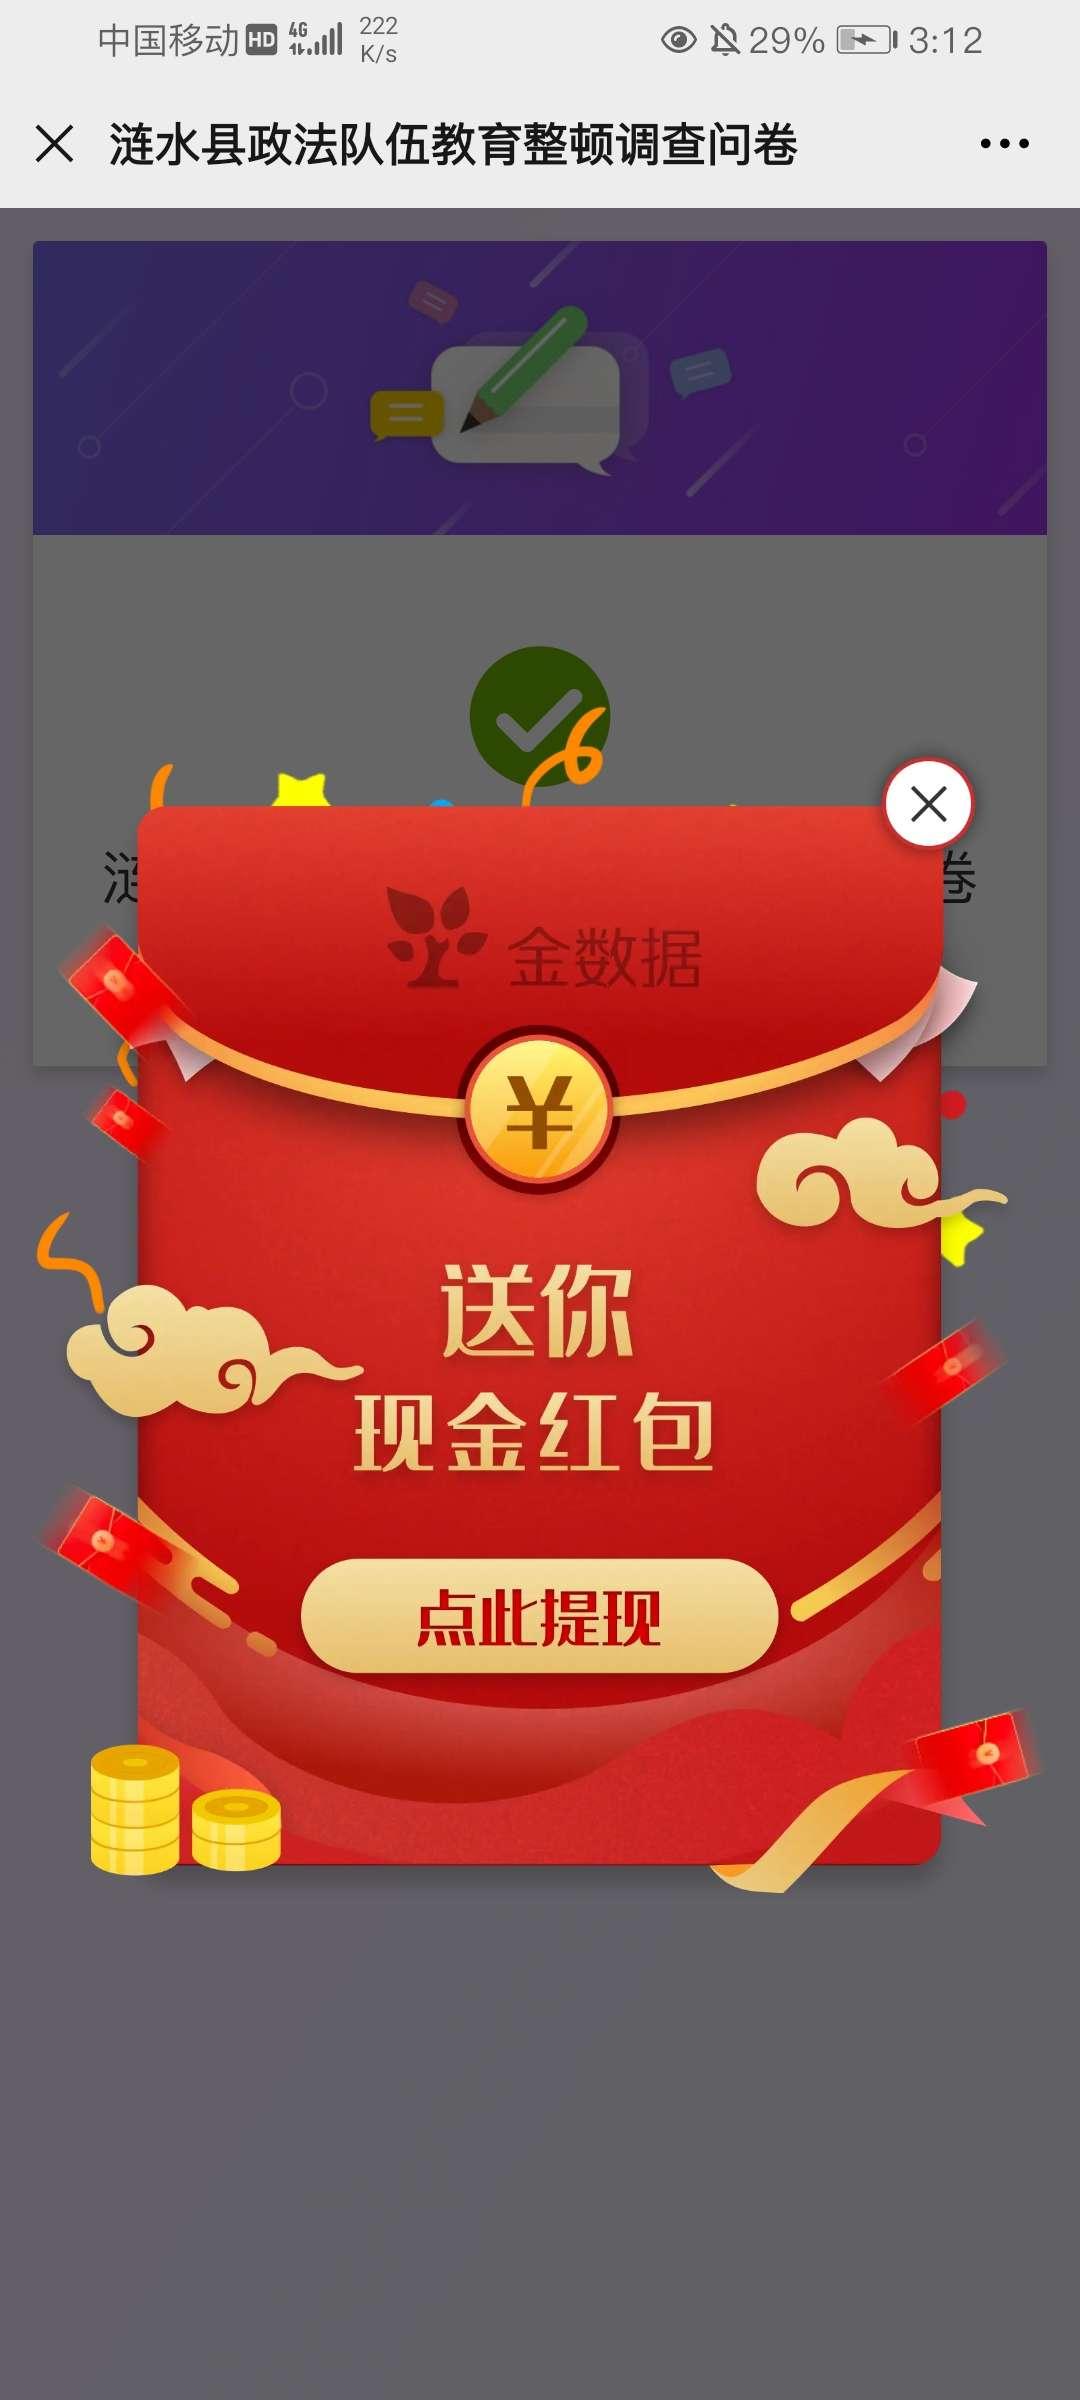 涟水县政法教育问卷抽红包